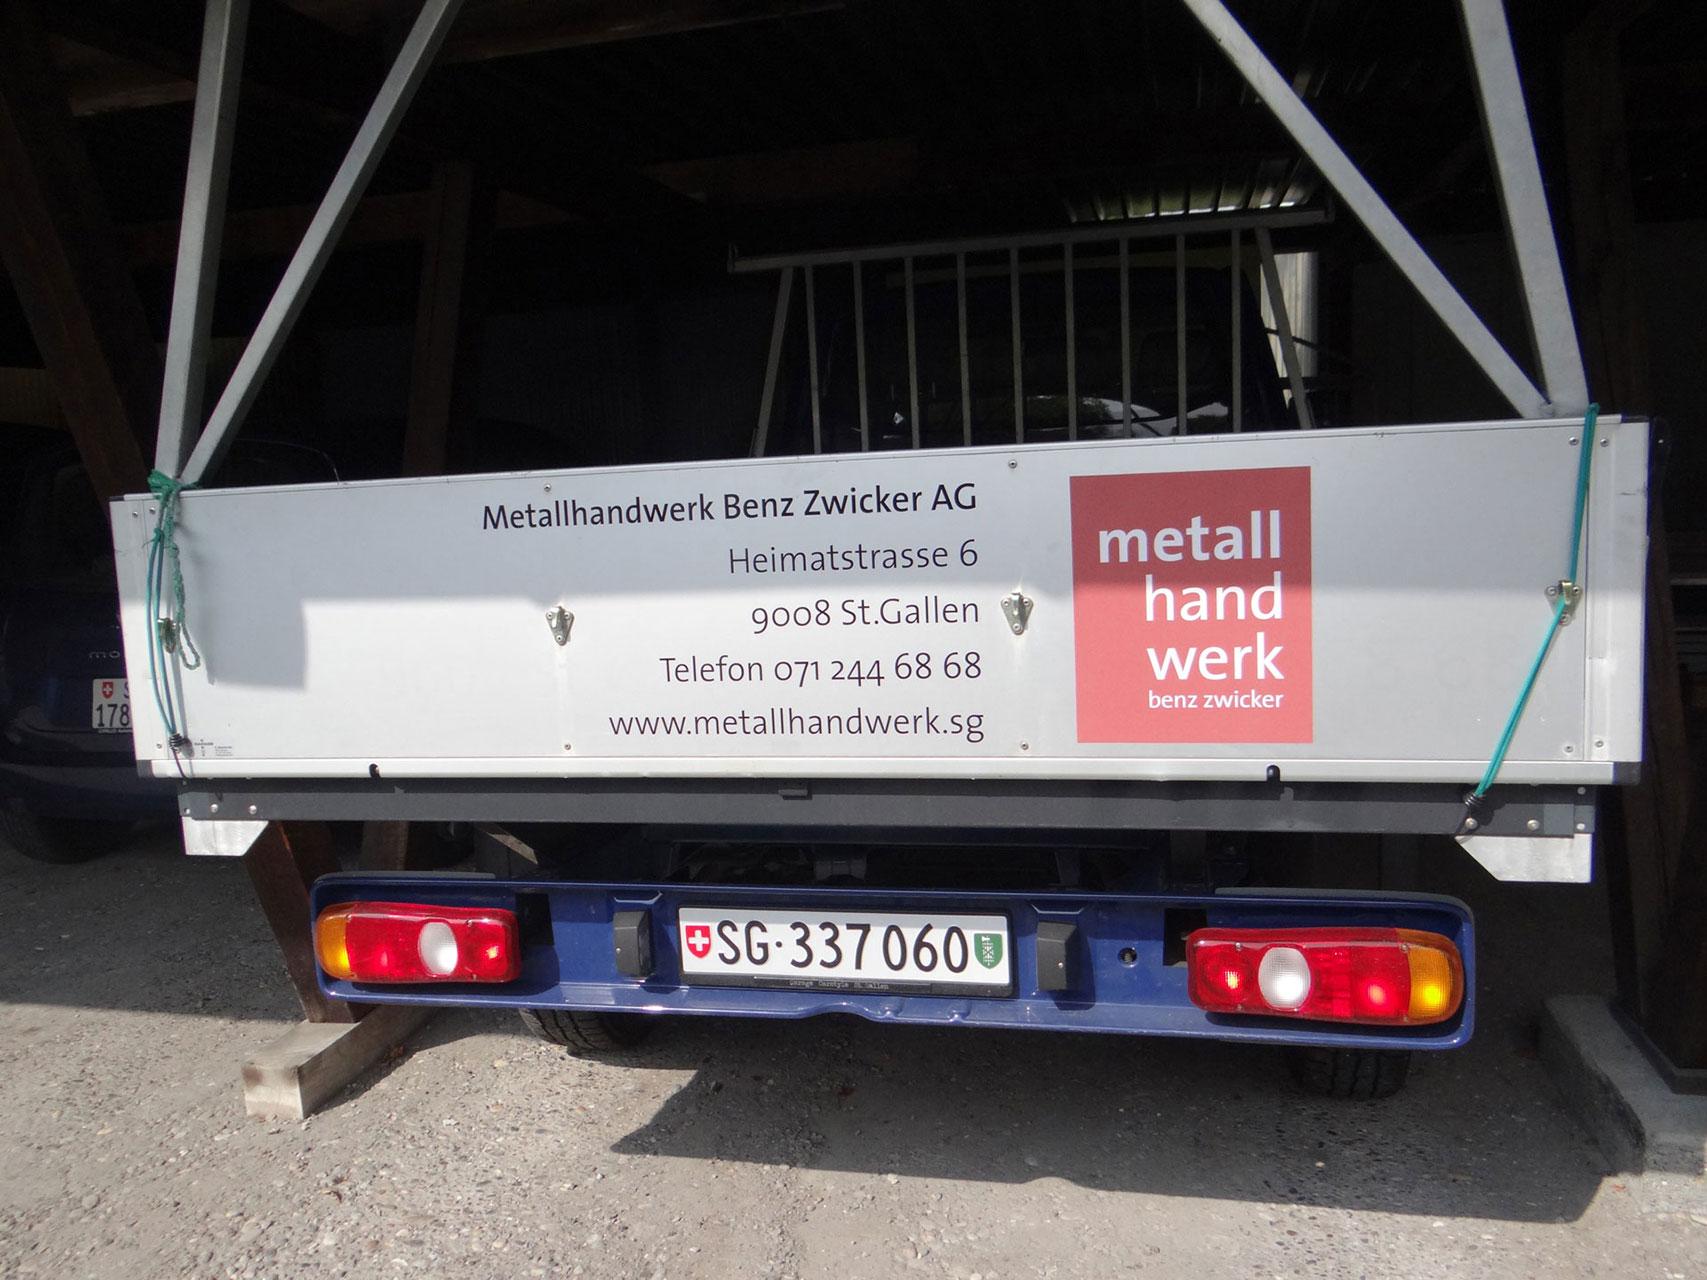 Metallhandwerk_Firmenfahrzeug.JPG